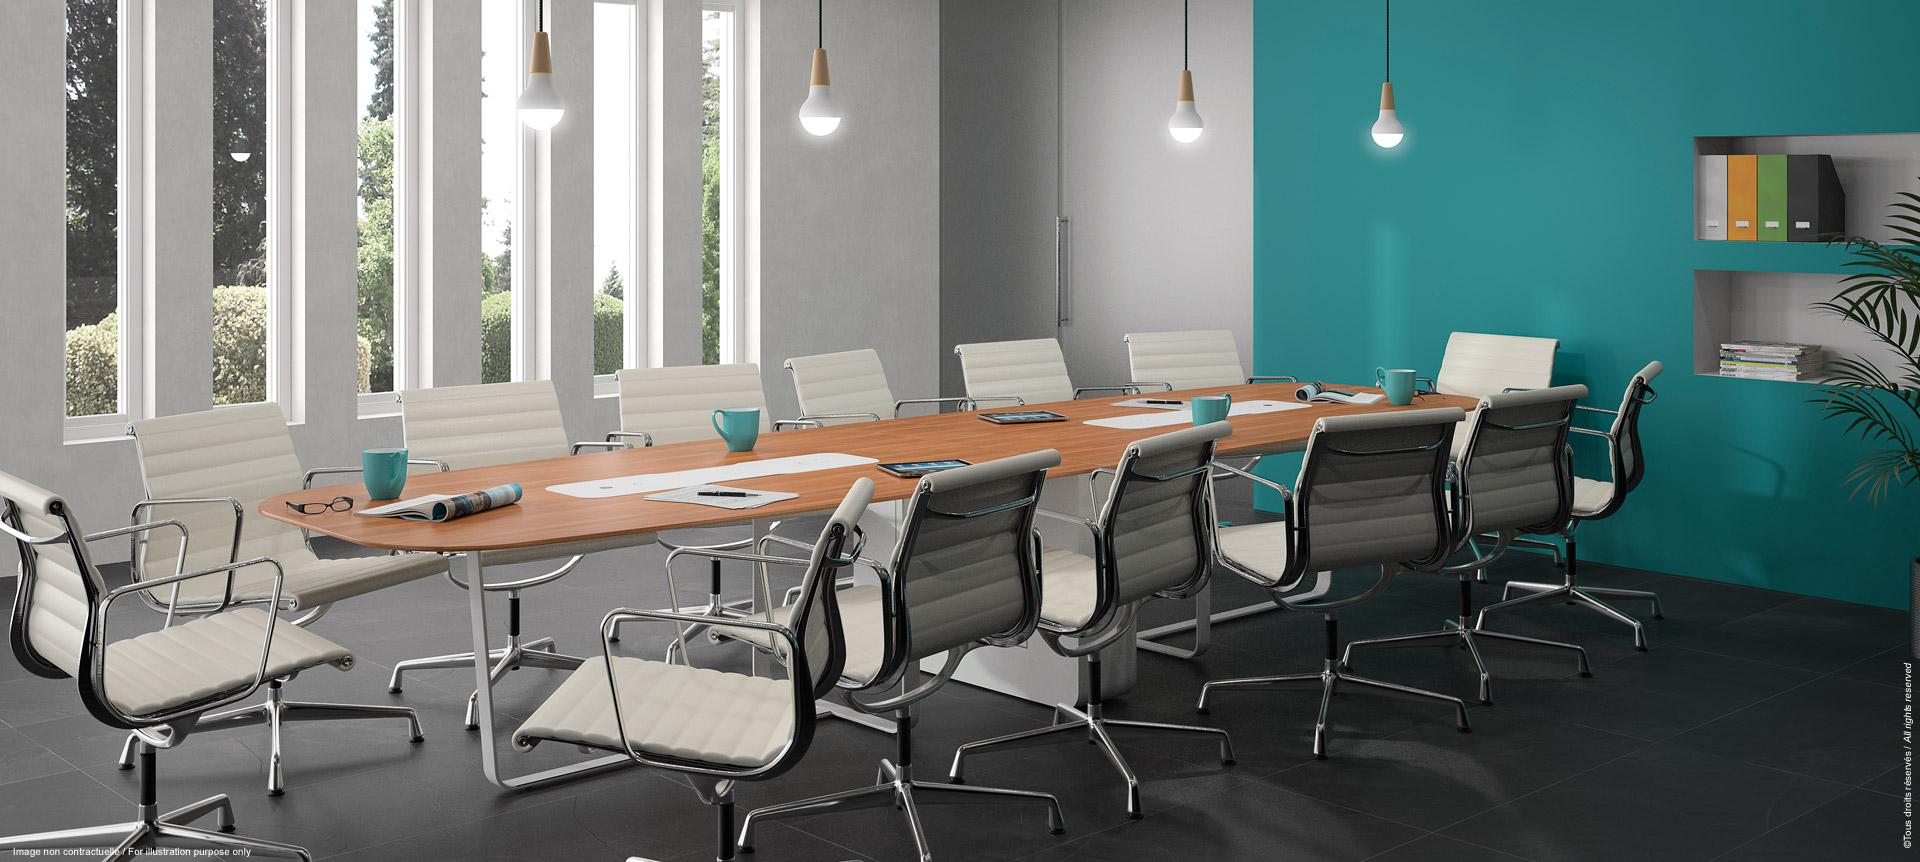 Table de réunion multimédia avec écran escamotable